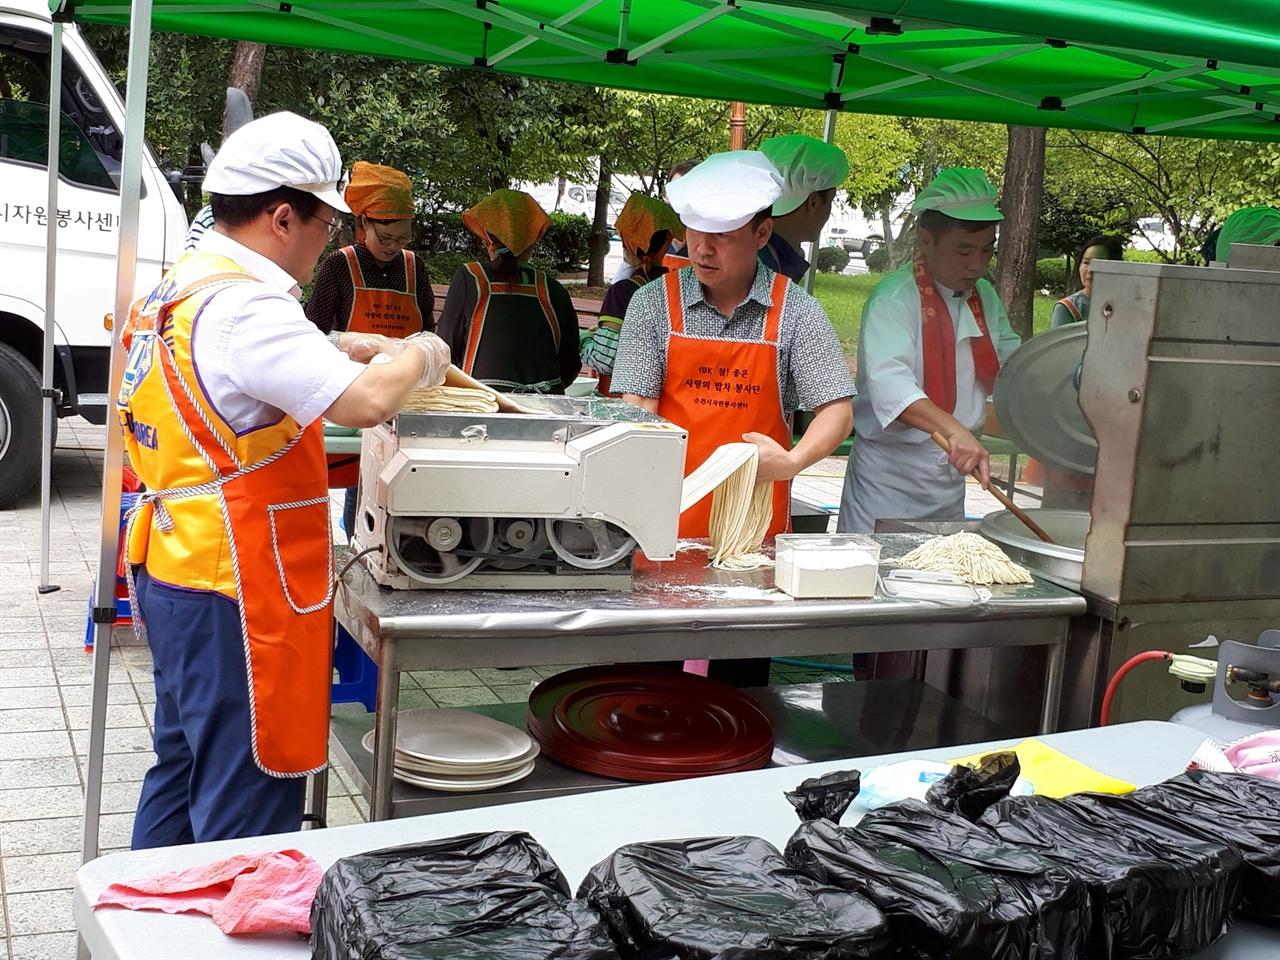 식사를 준비하는 봉사자들 9월 11일 메뉴는 짜장면이었다. 봉사자들이 즉석에서 바로 제면기에서 면을 뽑아 삶아 짜장 소스를 올려 만들었다. 그리고 배식 담당 봉사자들이 방문객들이 앉은 곳에 직접 배달해 주었다.